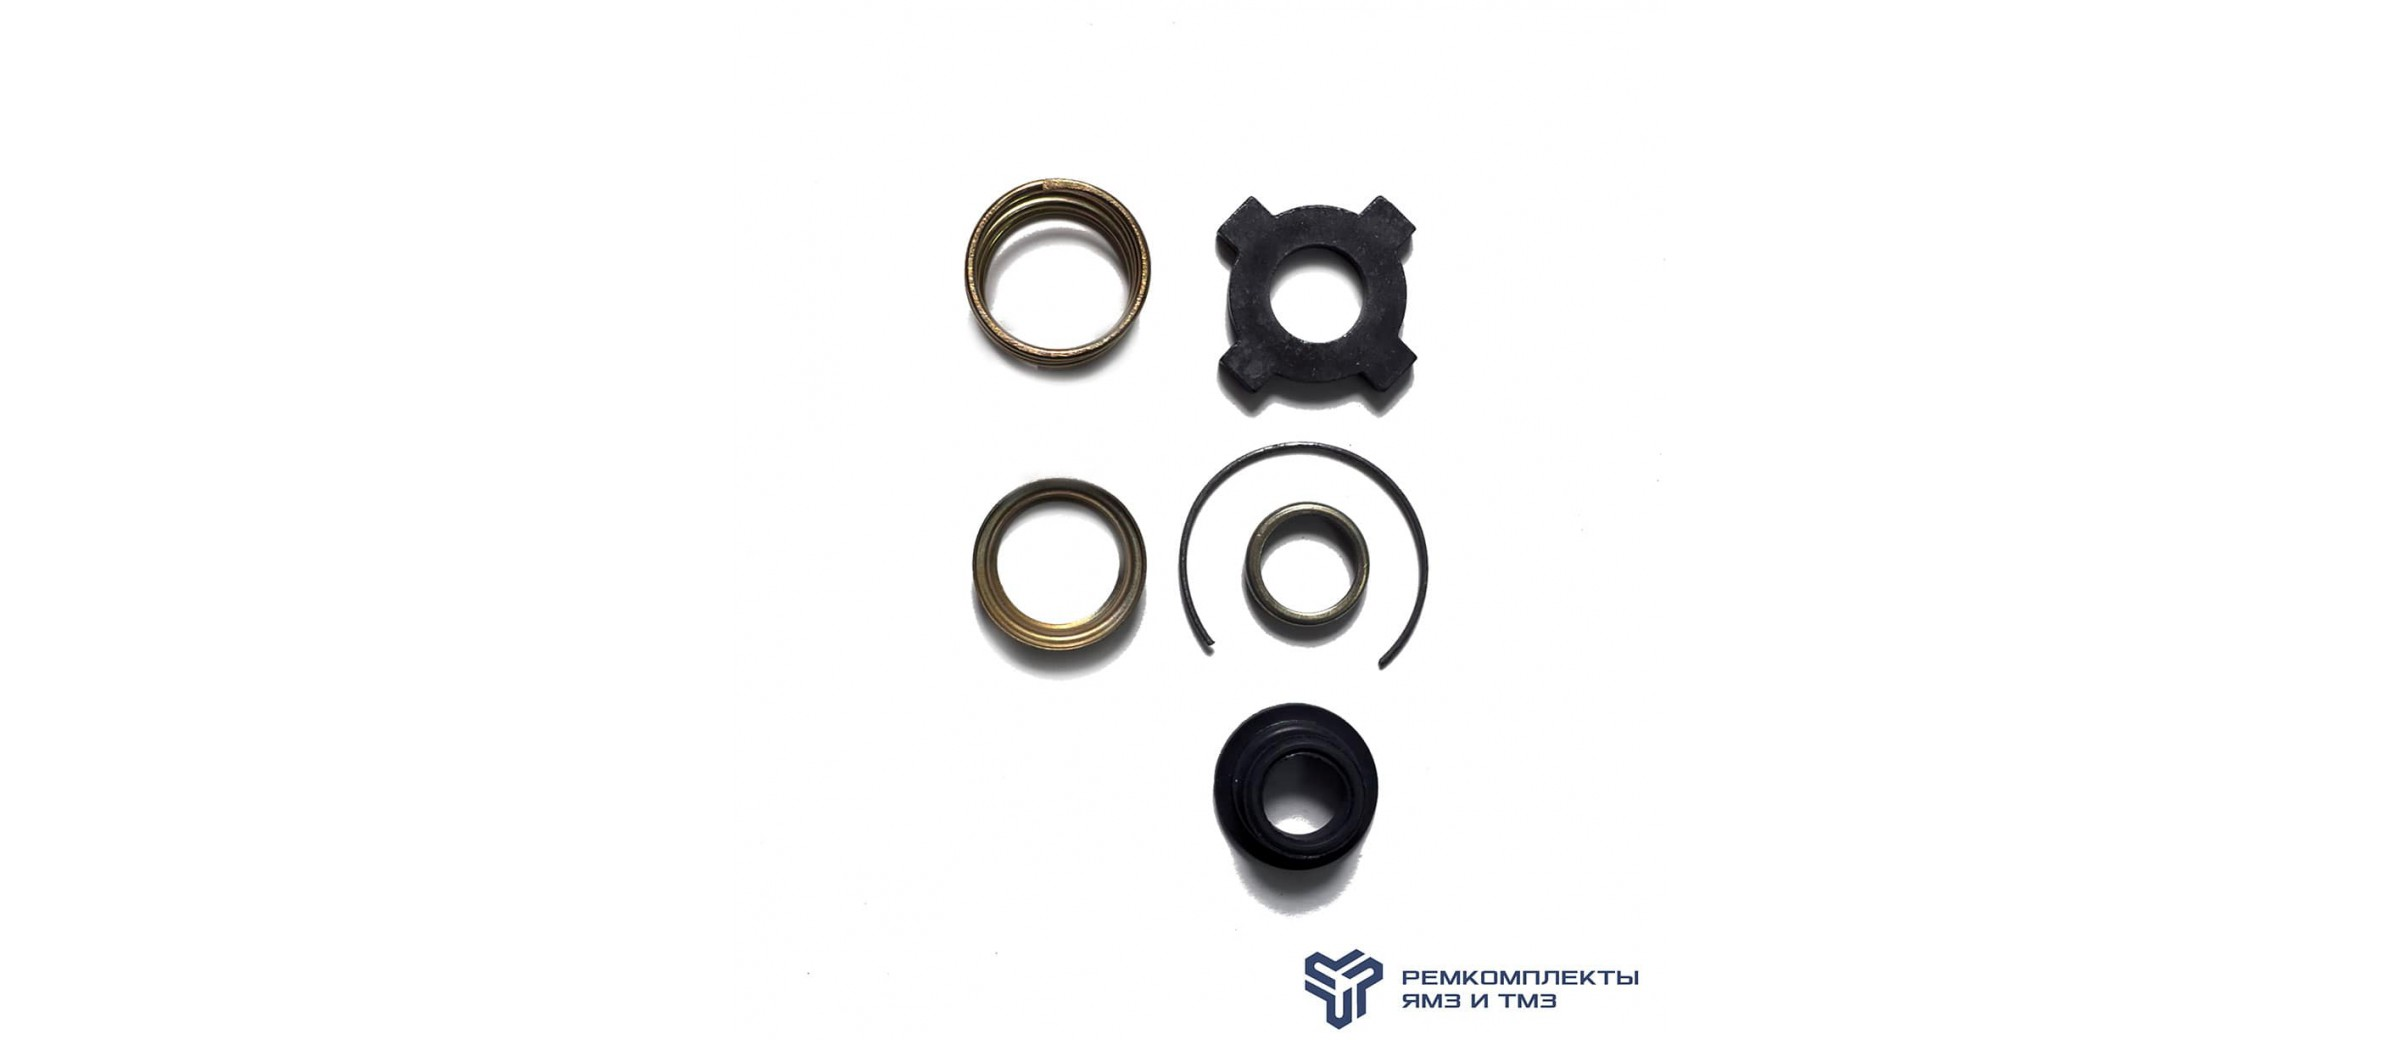 Ремкомплект водяного насоса 236 (малый+стопорное кольцо)